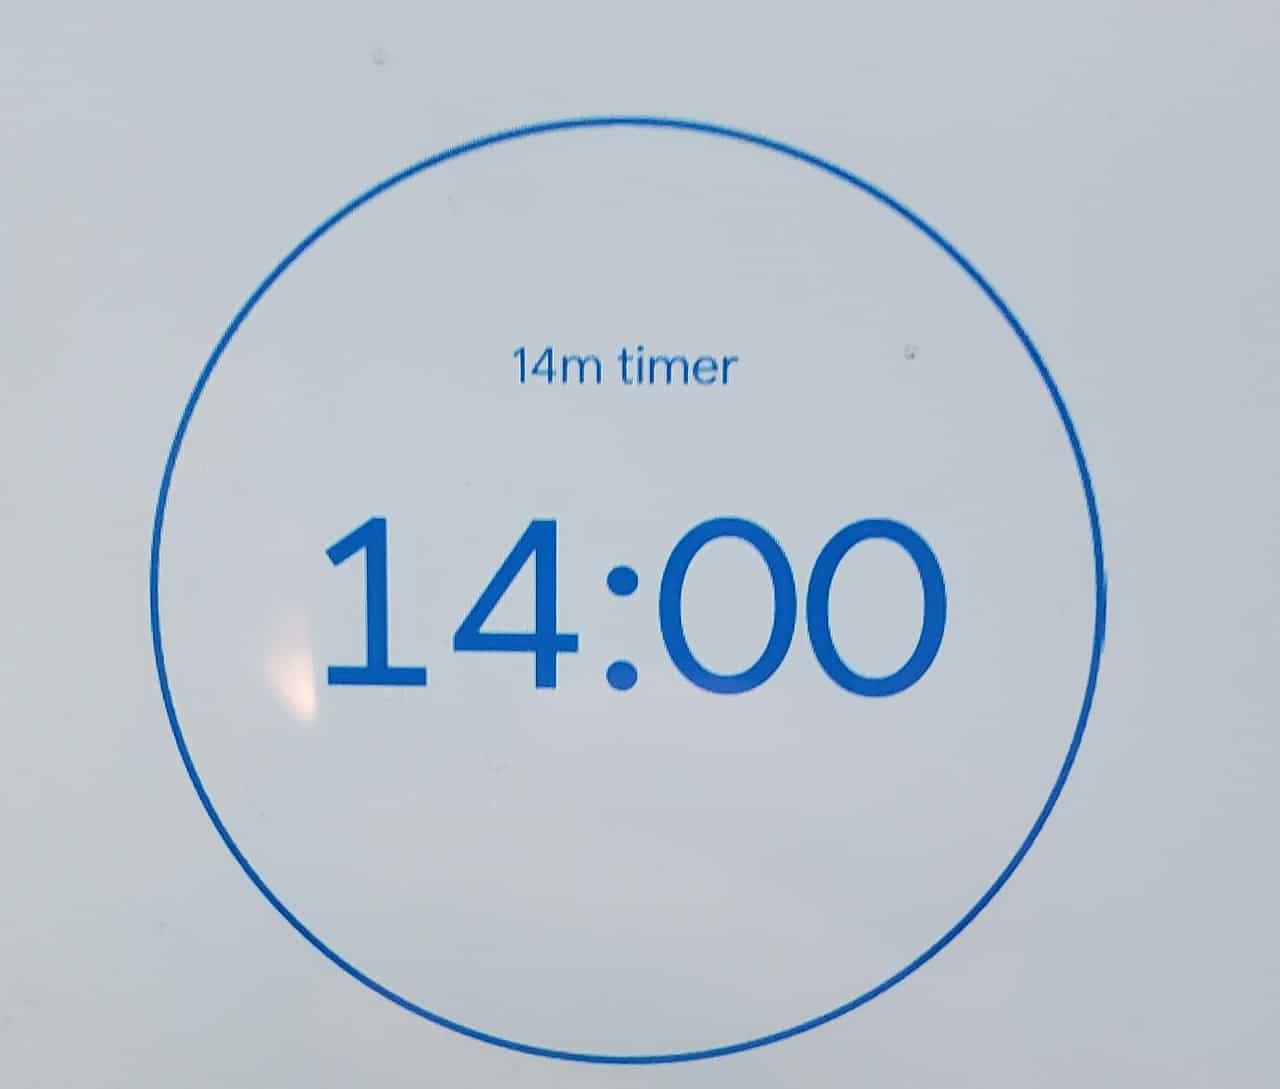 timerfor14min